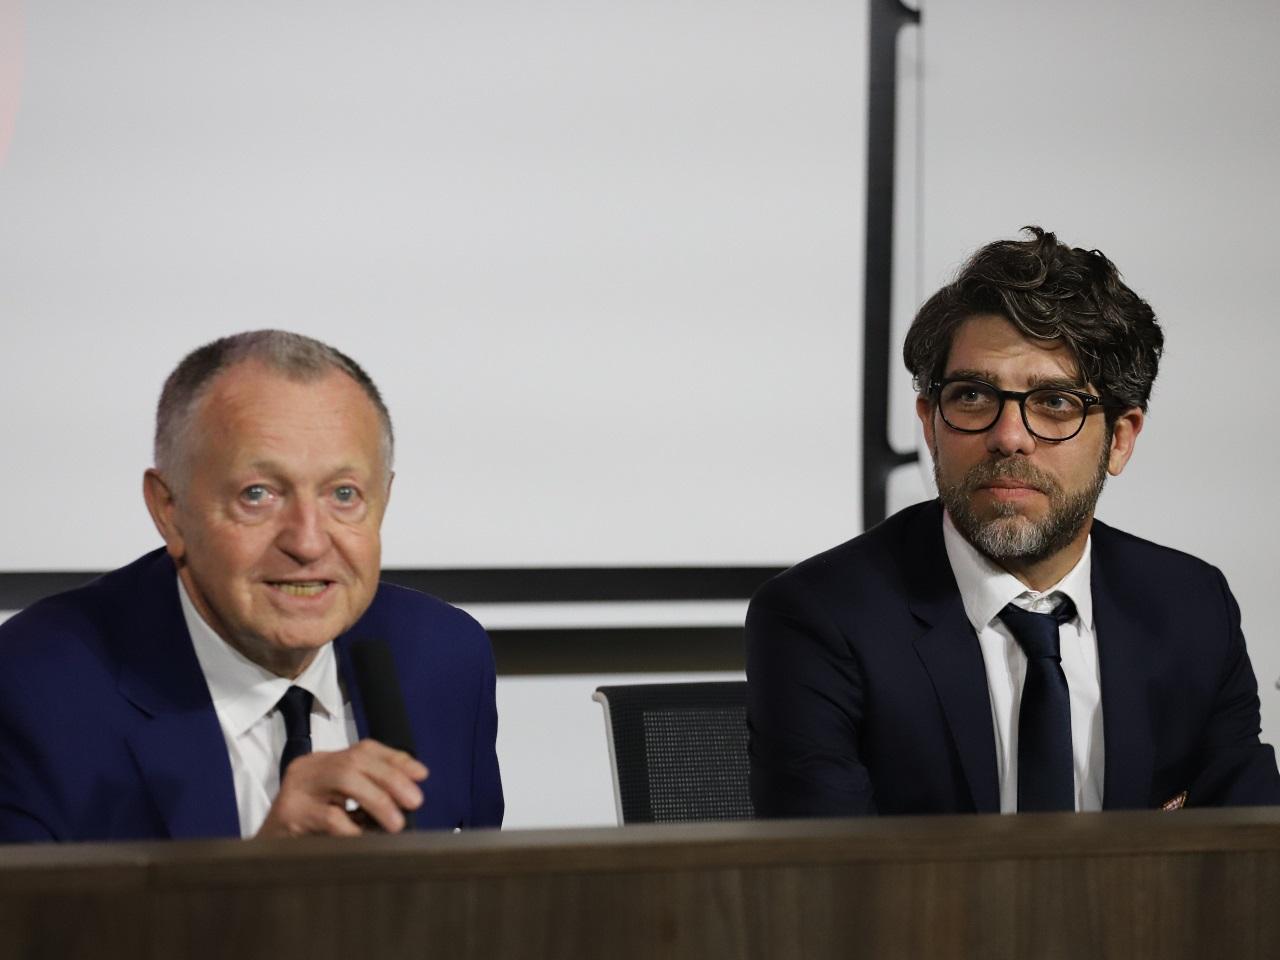 Le Conseil d'Etat communique sur l'audition de jeudi — Amiens SC